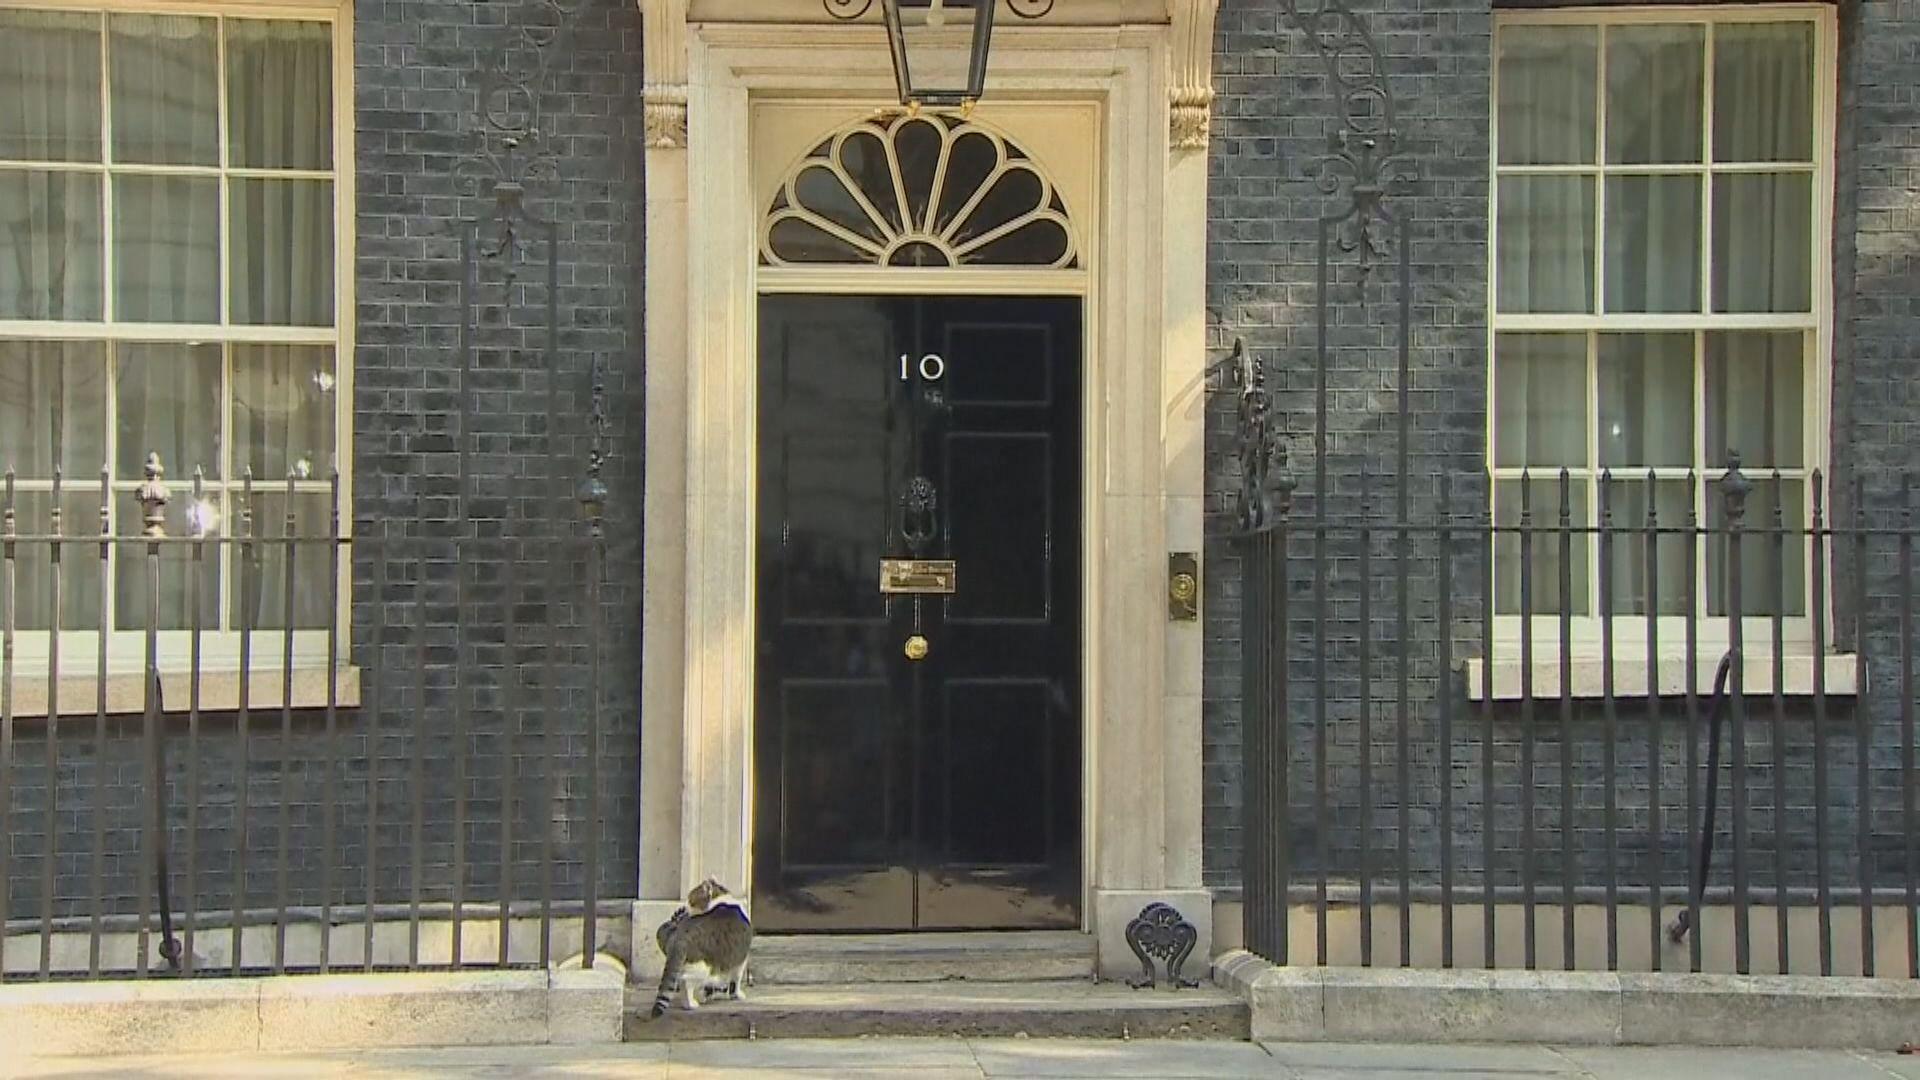 首相府表示英國月底如期脫歐